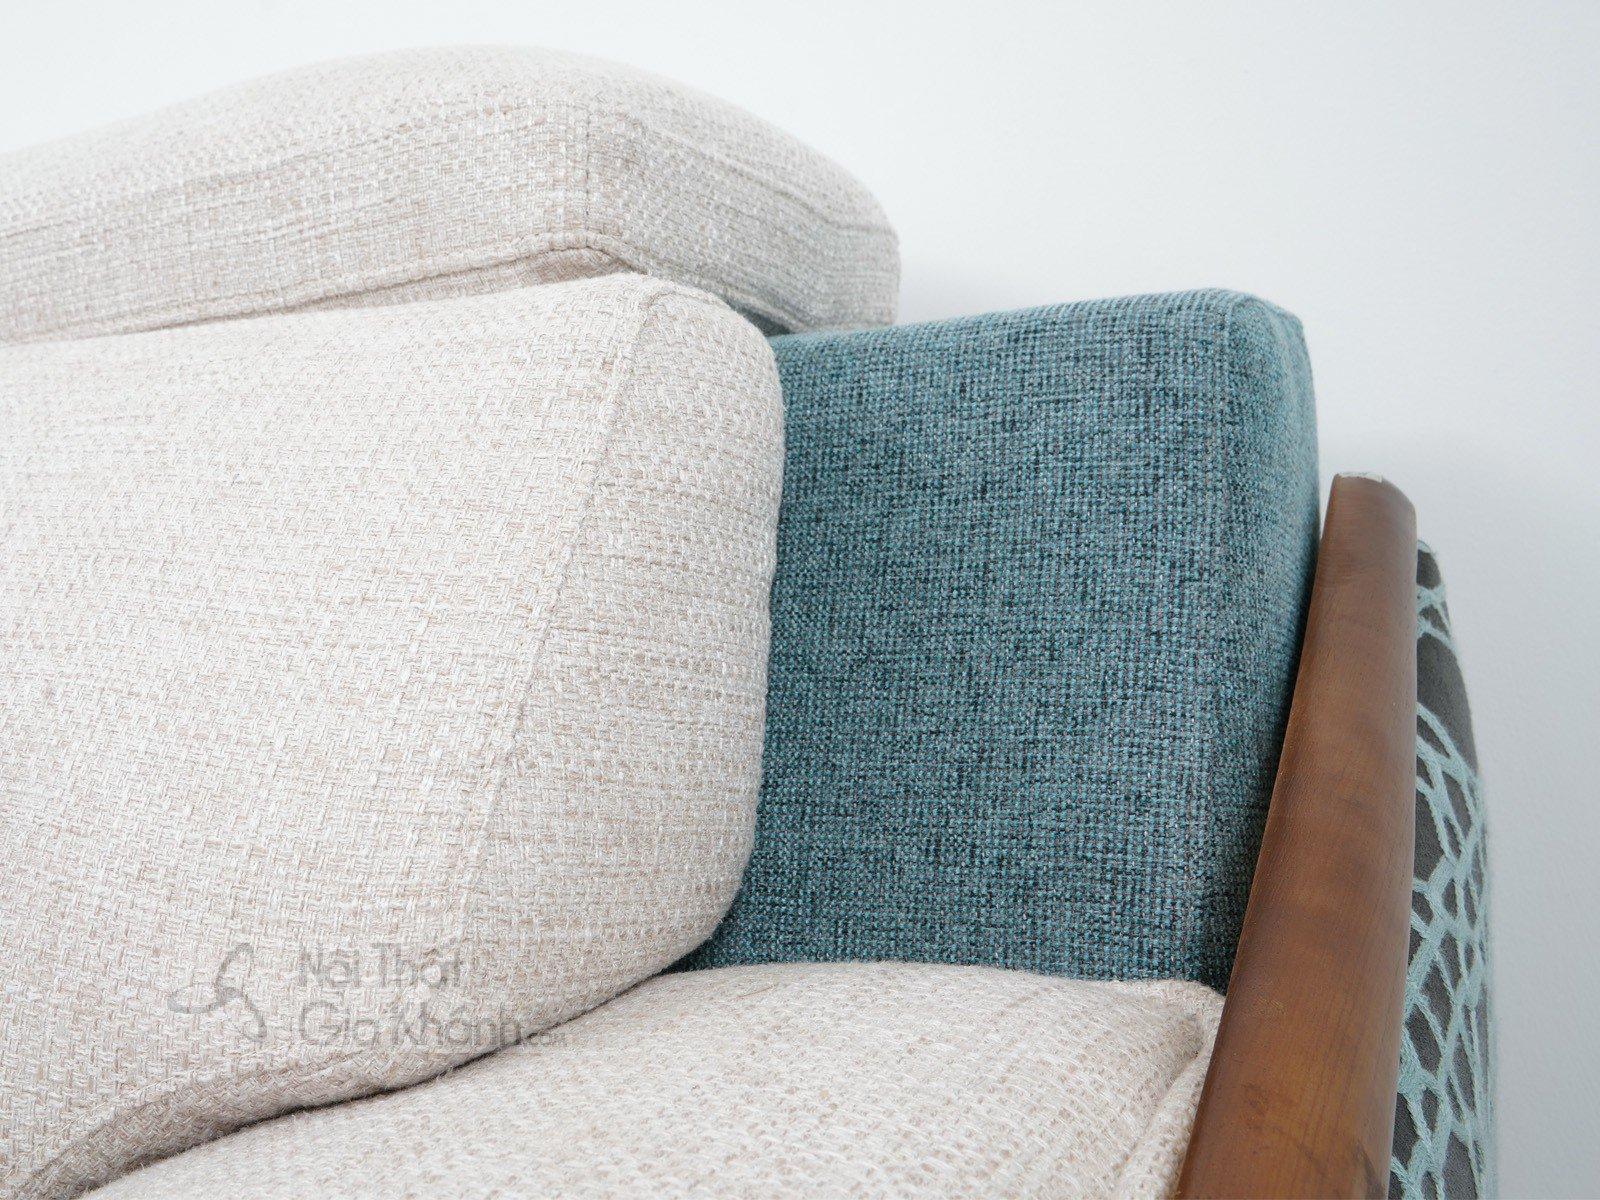 Bàn ghế Sofa vải nhập khẩu cao cấp 2 băng MR801C-SF - sofa hien dai MR801C SF 2900x1800x850 9